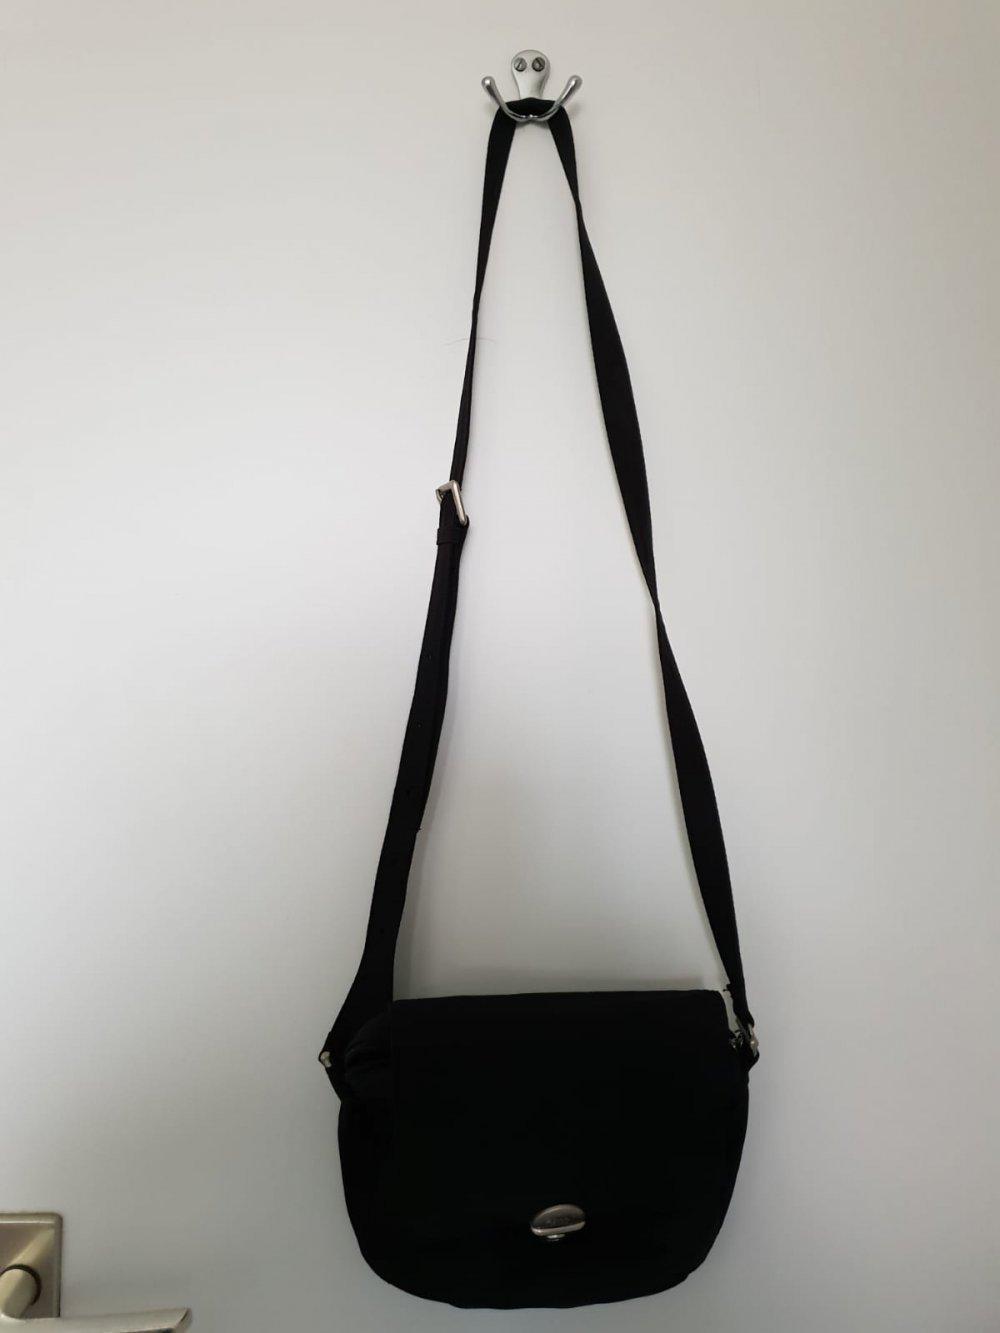 Farben und auffällig außergewöhnliche Auswahl an Stilen Stufen von Schwarze kleine Tasche Umhängetasche ESPRIT